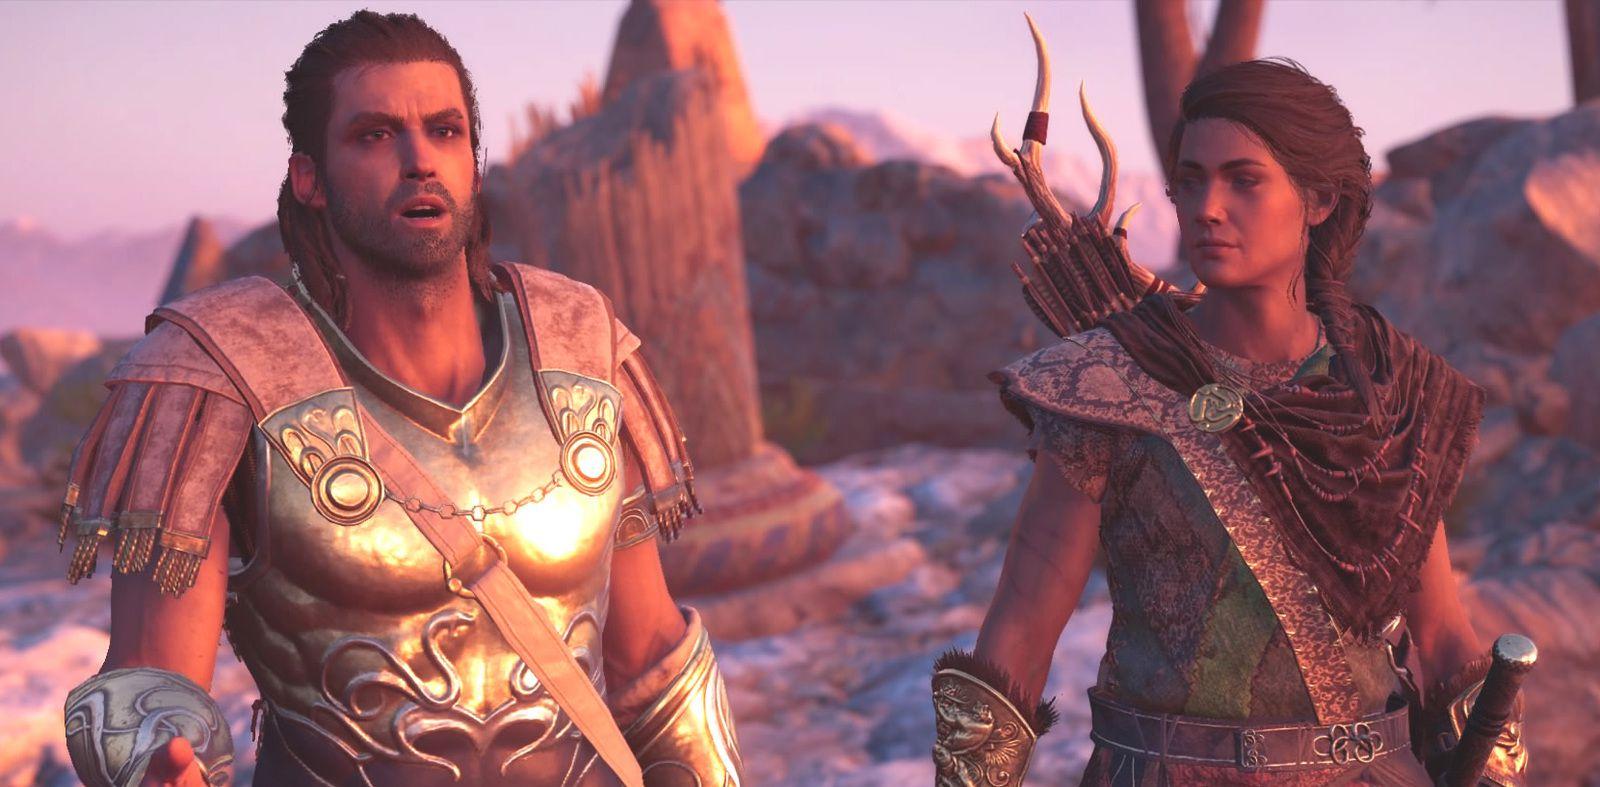 La relation entre Alexios et Kassandra promet beaucoup de surprises. A vous de décider de leur destin.